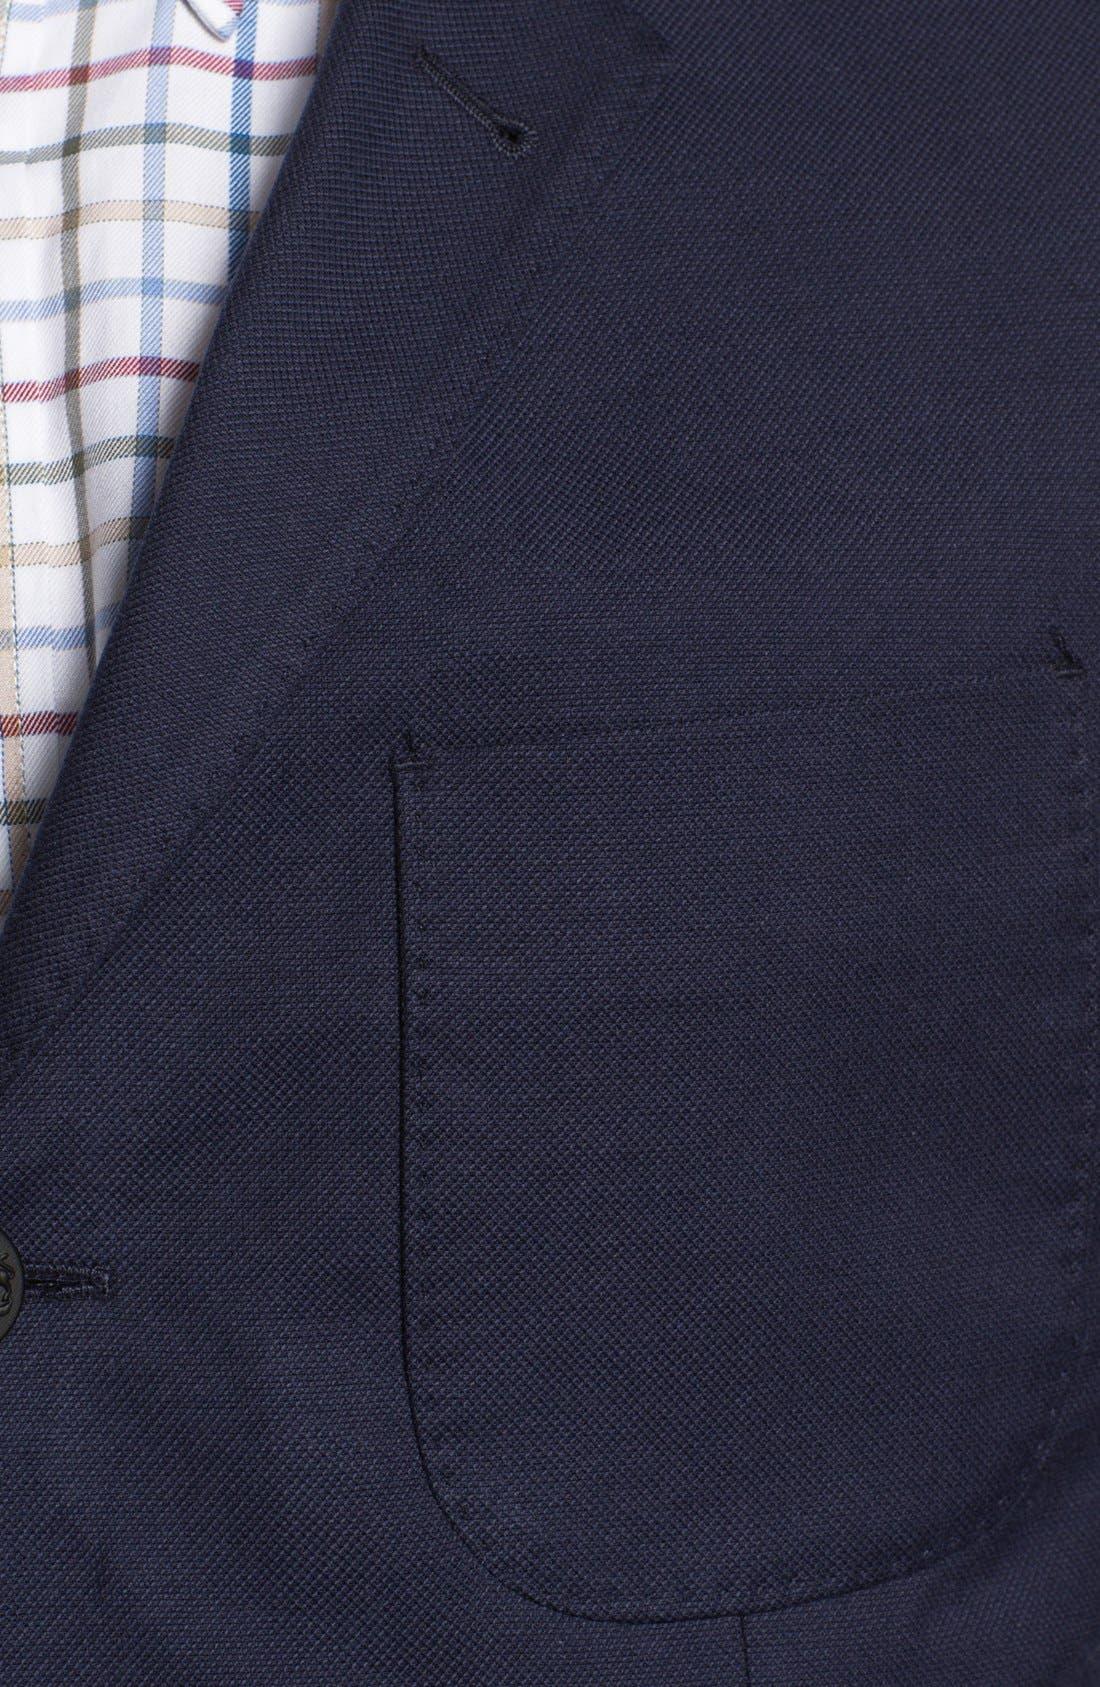 Alternate Image 3  - Façonnable 'Veste' Piqué Sportcoat